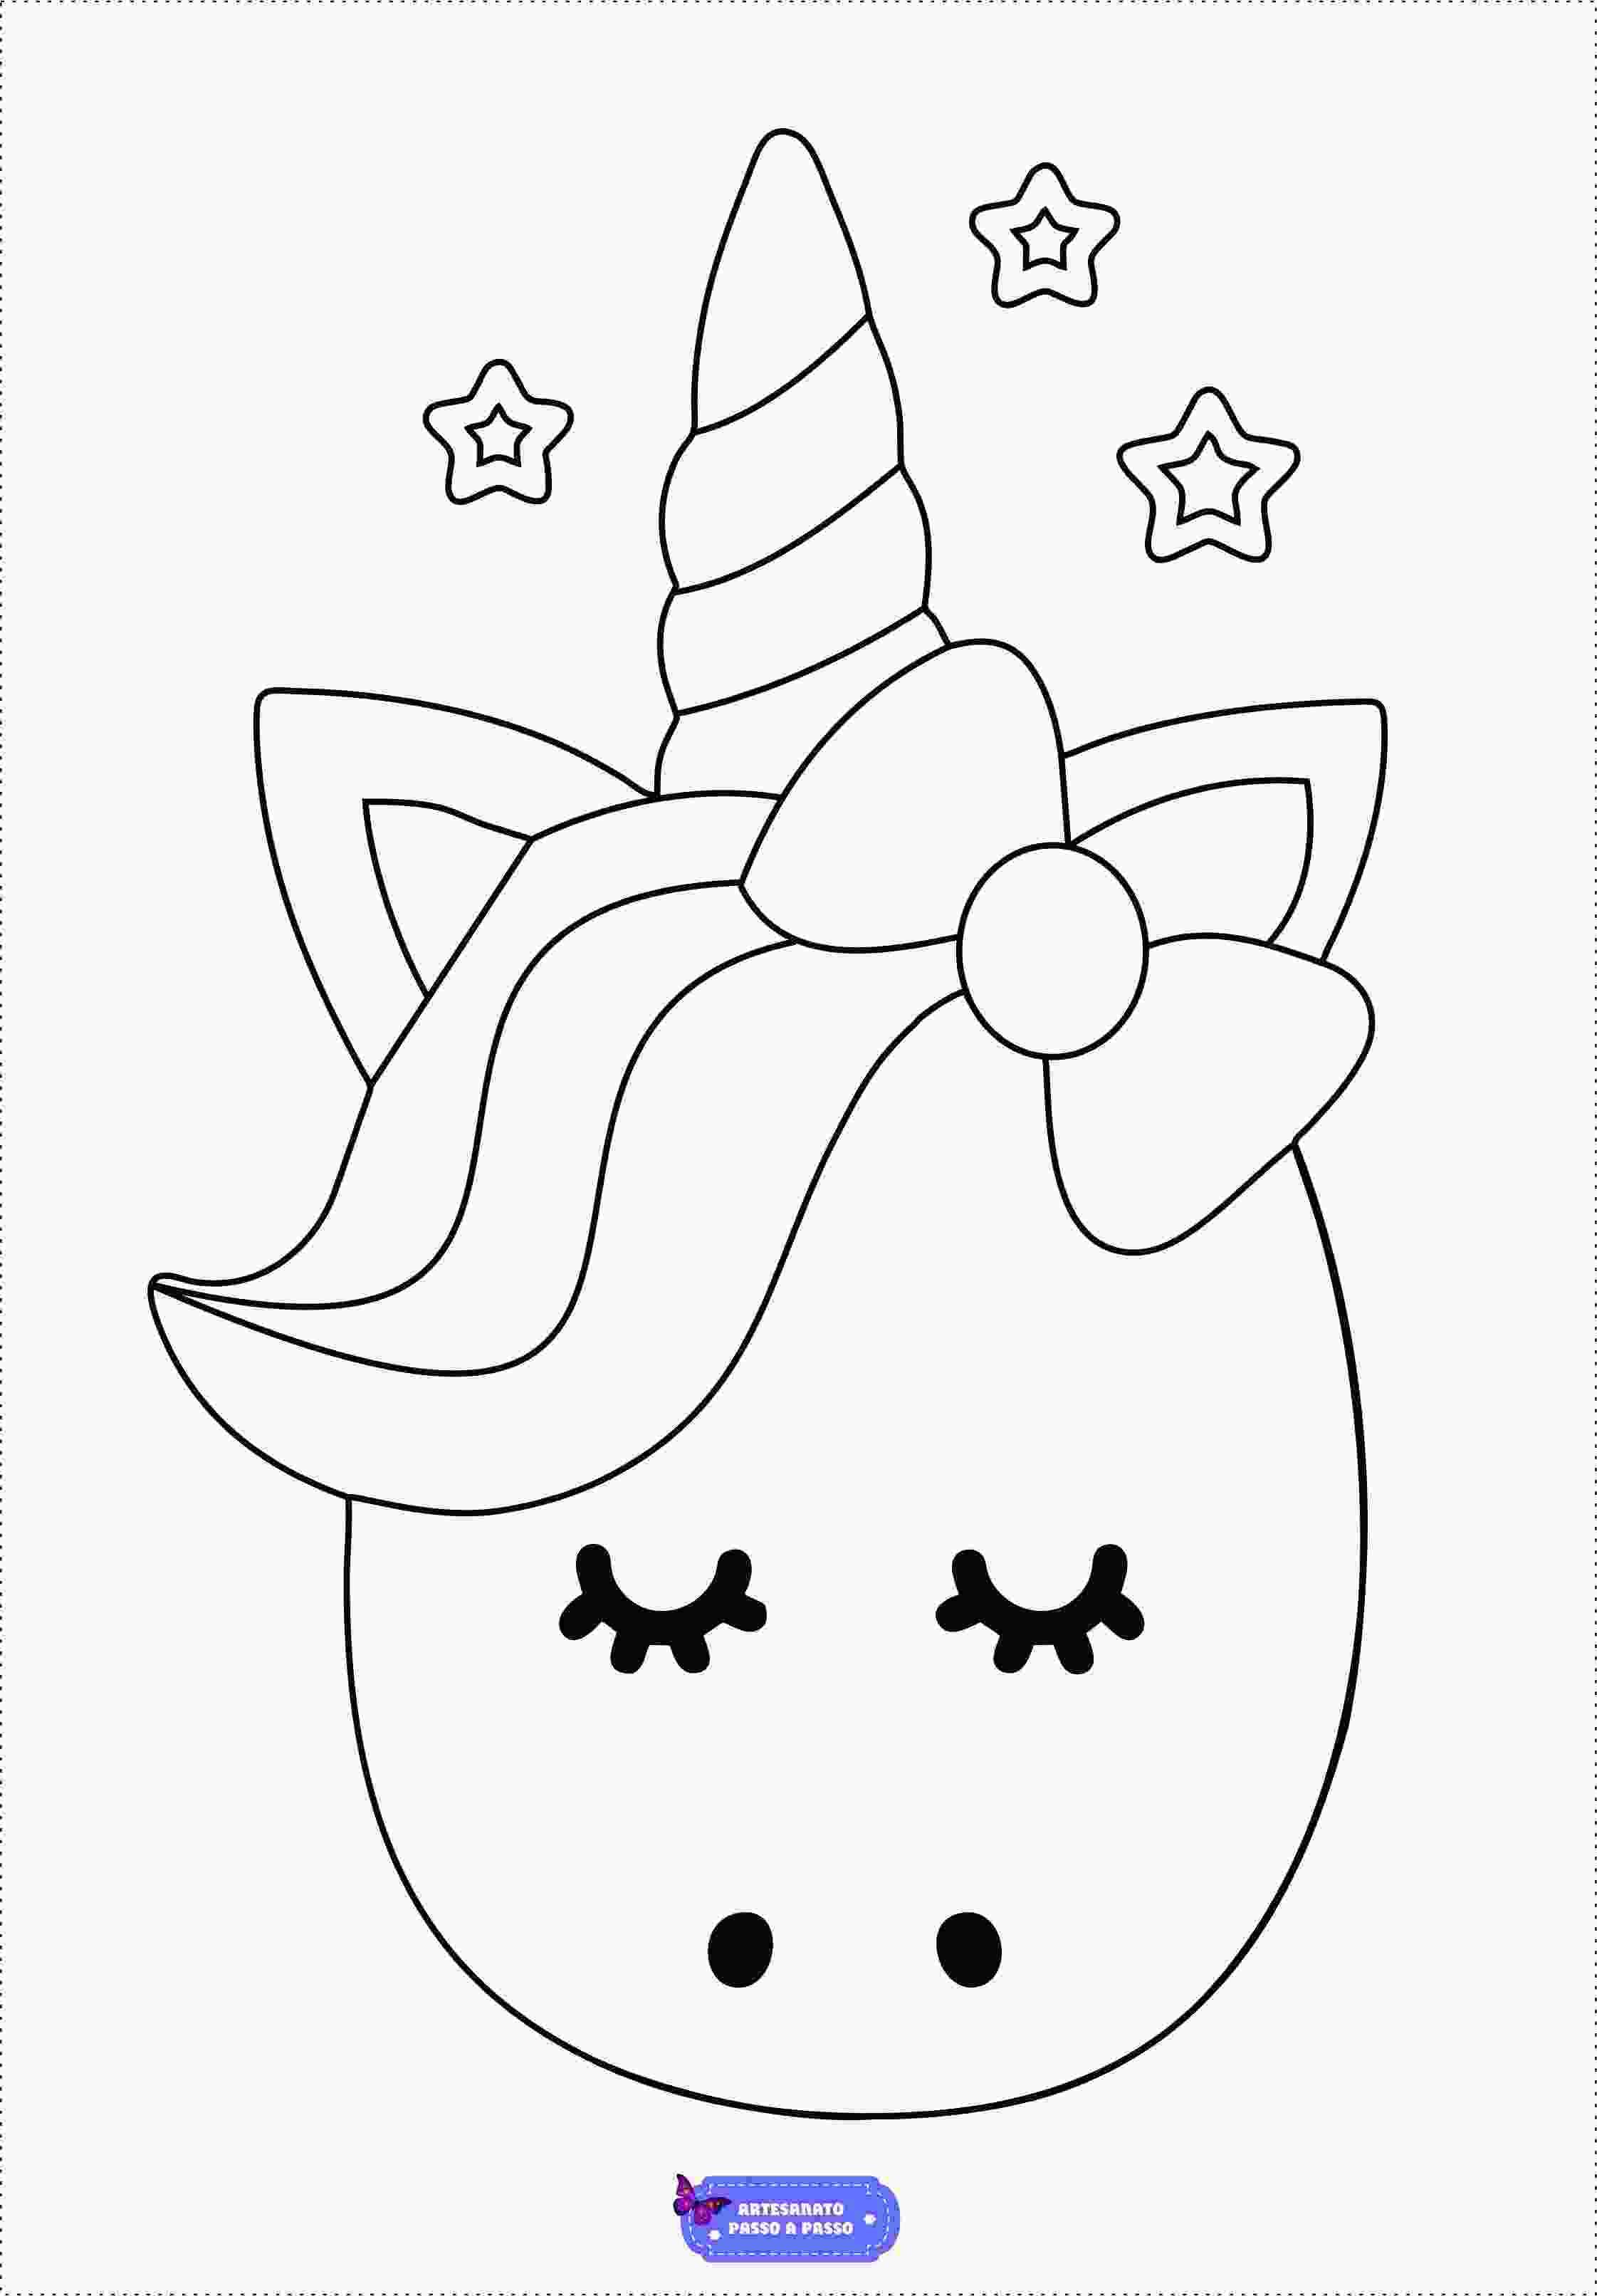 unicornio triste para colorir